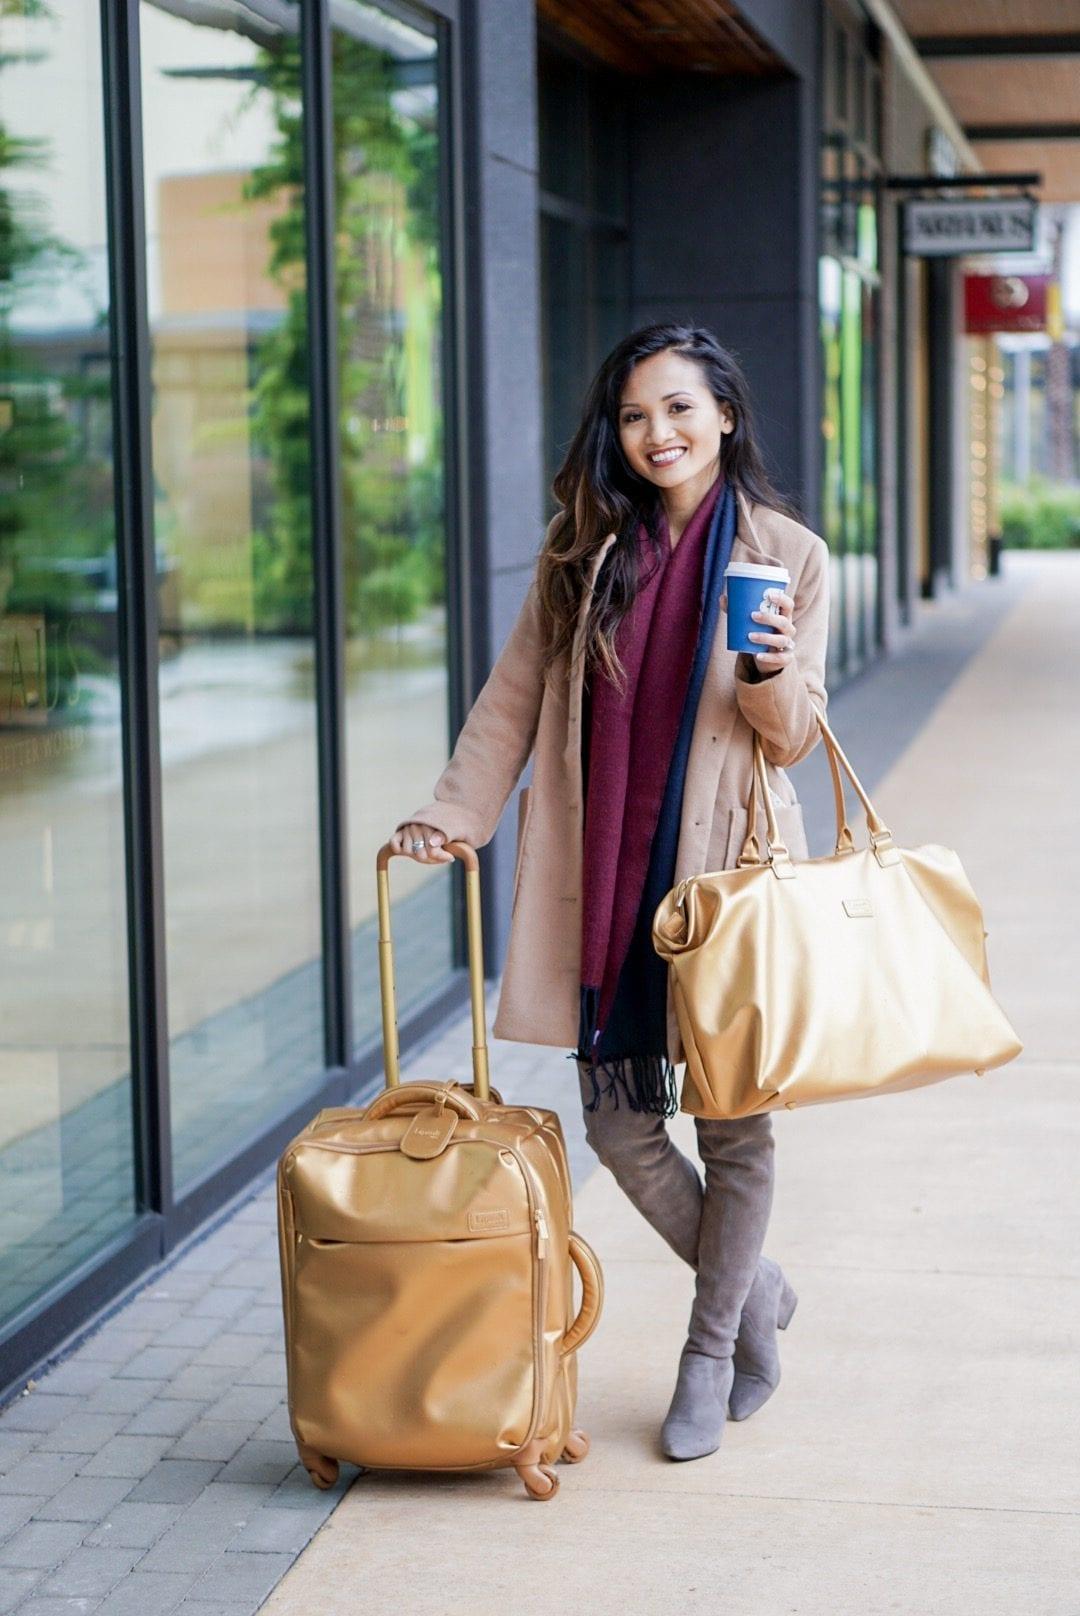 lipault Paris, Lipault Paris Luggage Travel Set, lipault Paris miss plume, travel guide, travel gear, travel outfit, travel style, winter travel style, holiday travel style, gold luggage set